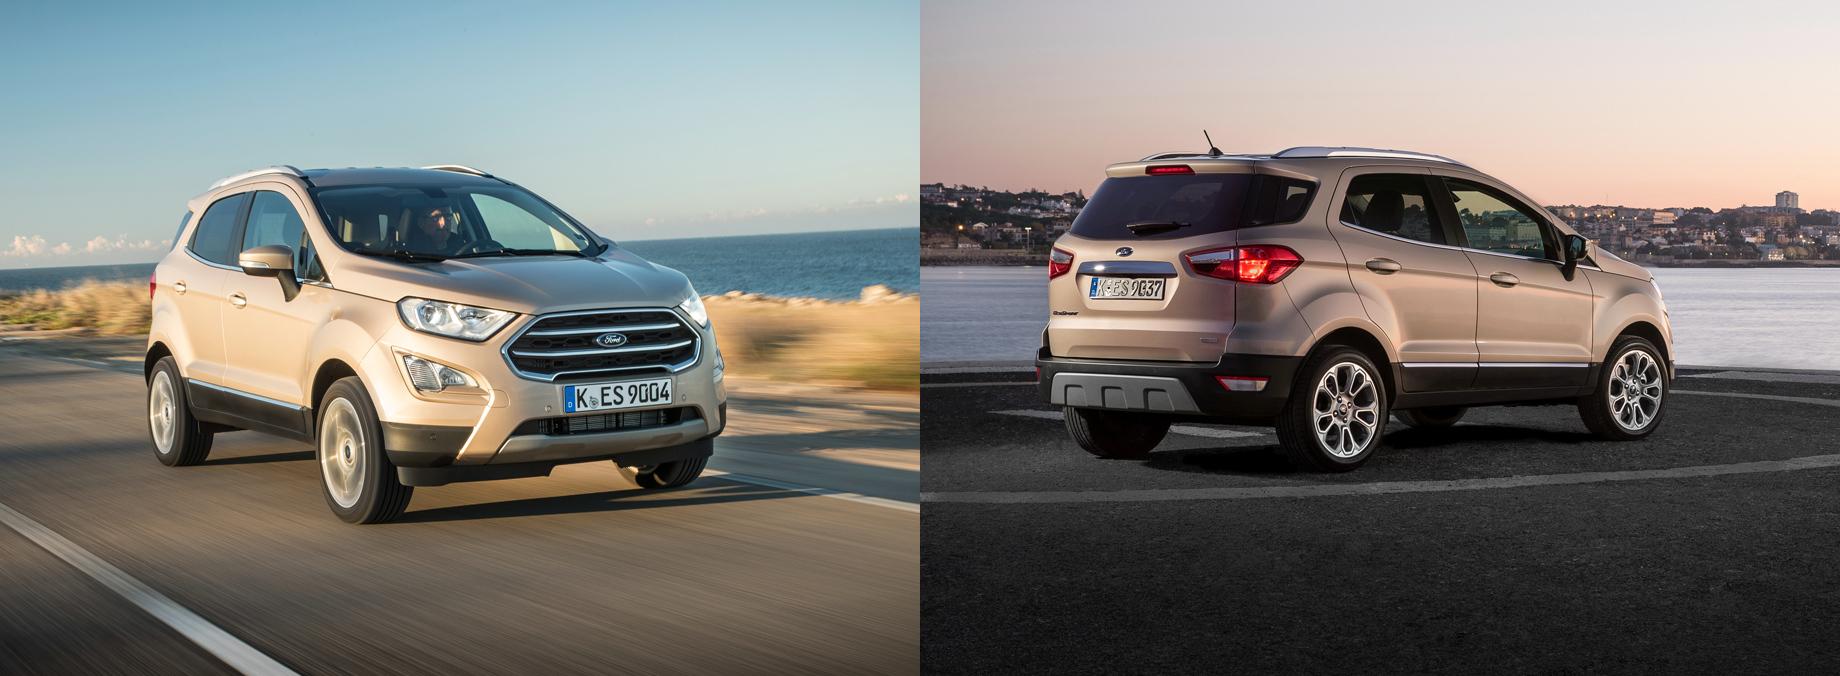 Ford EcoSport Active пополнит семью приподнятых моделей